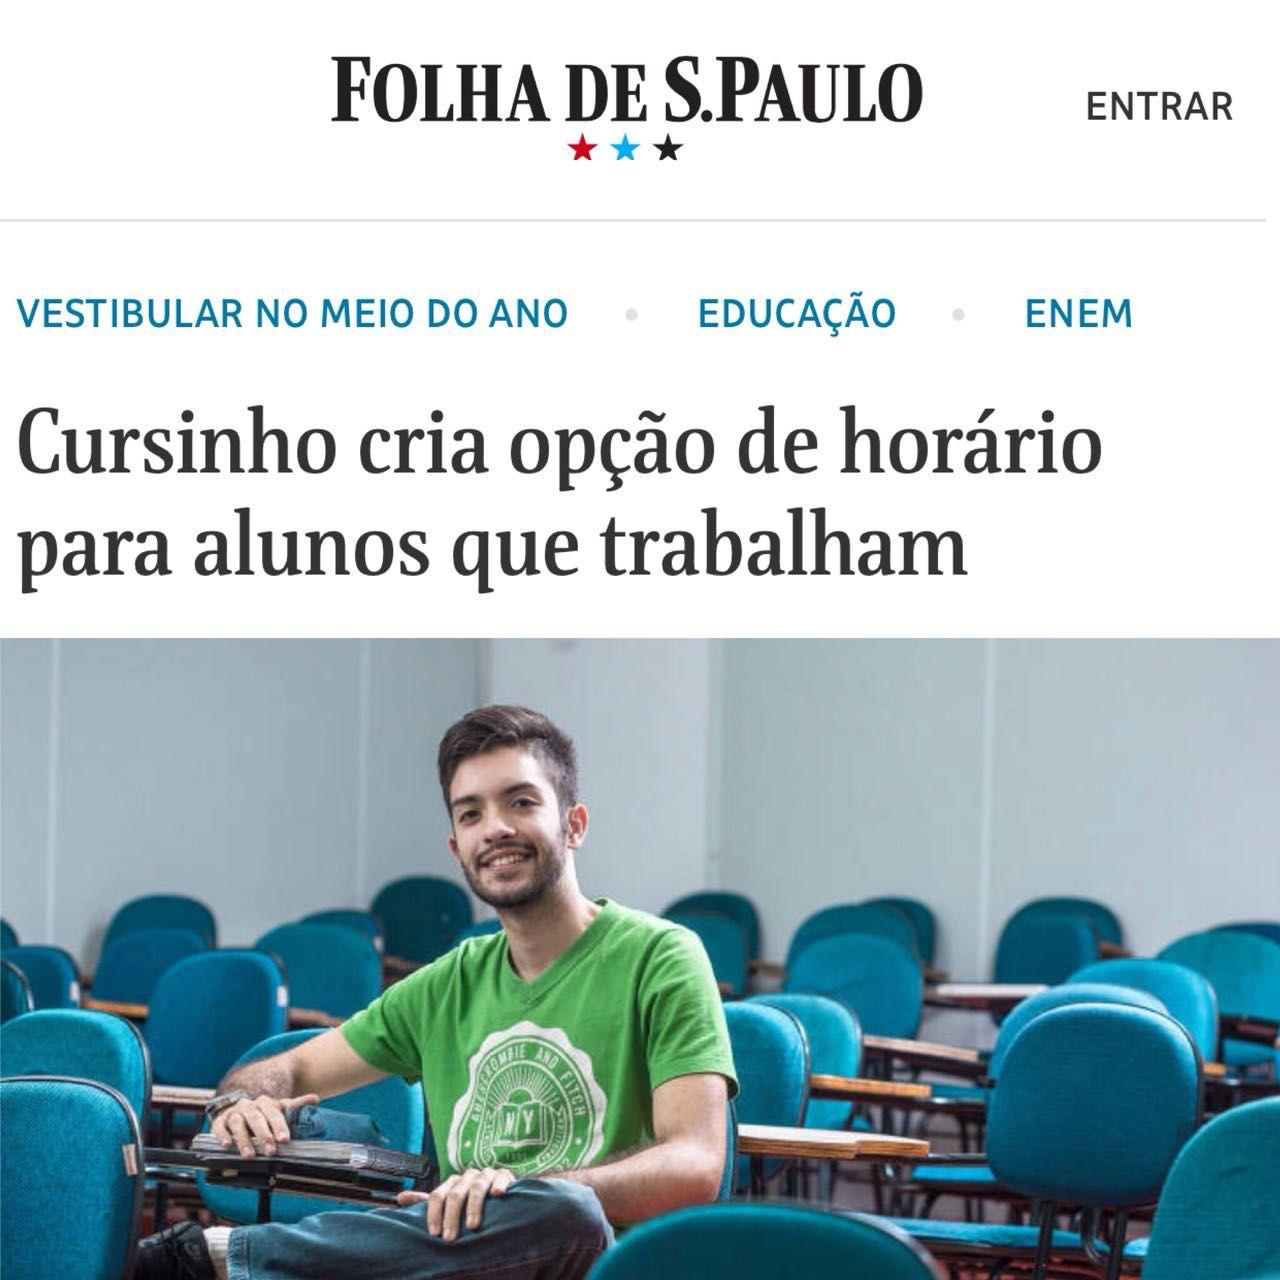 Folha – Cursinho cria opção de horário para alunos que trabalham